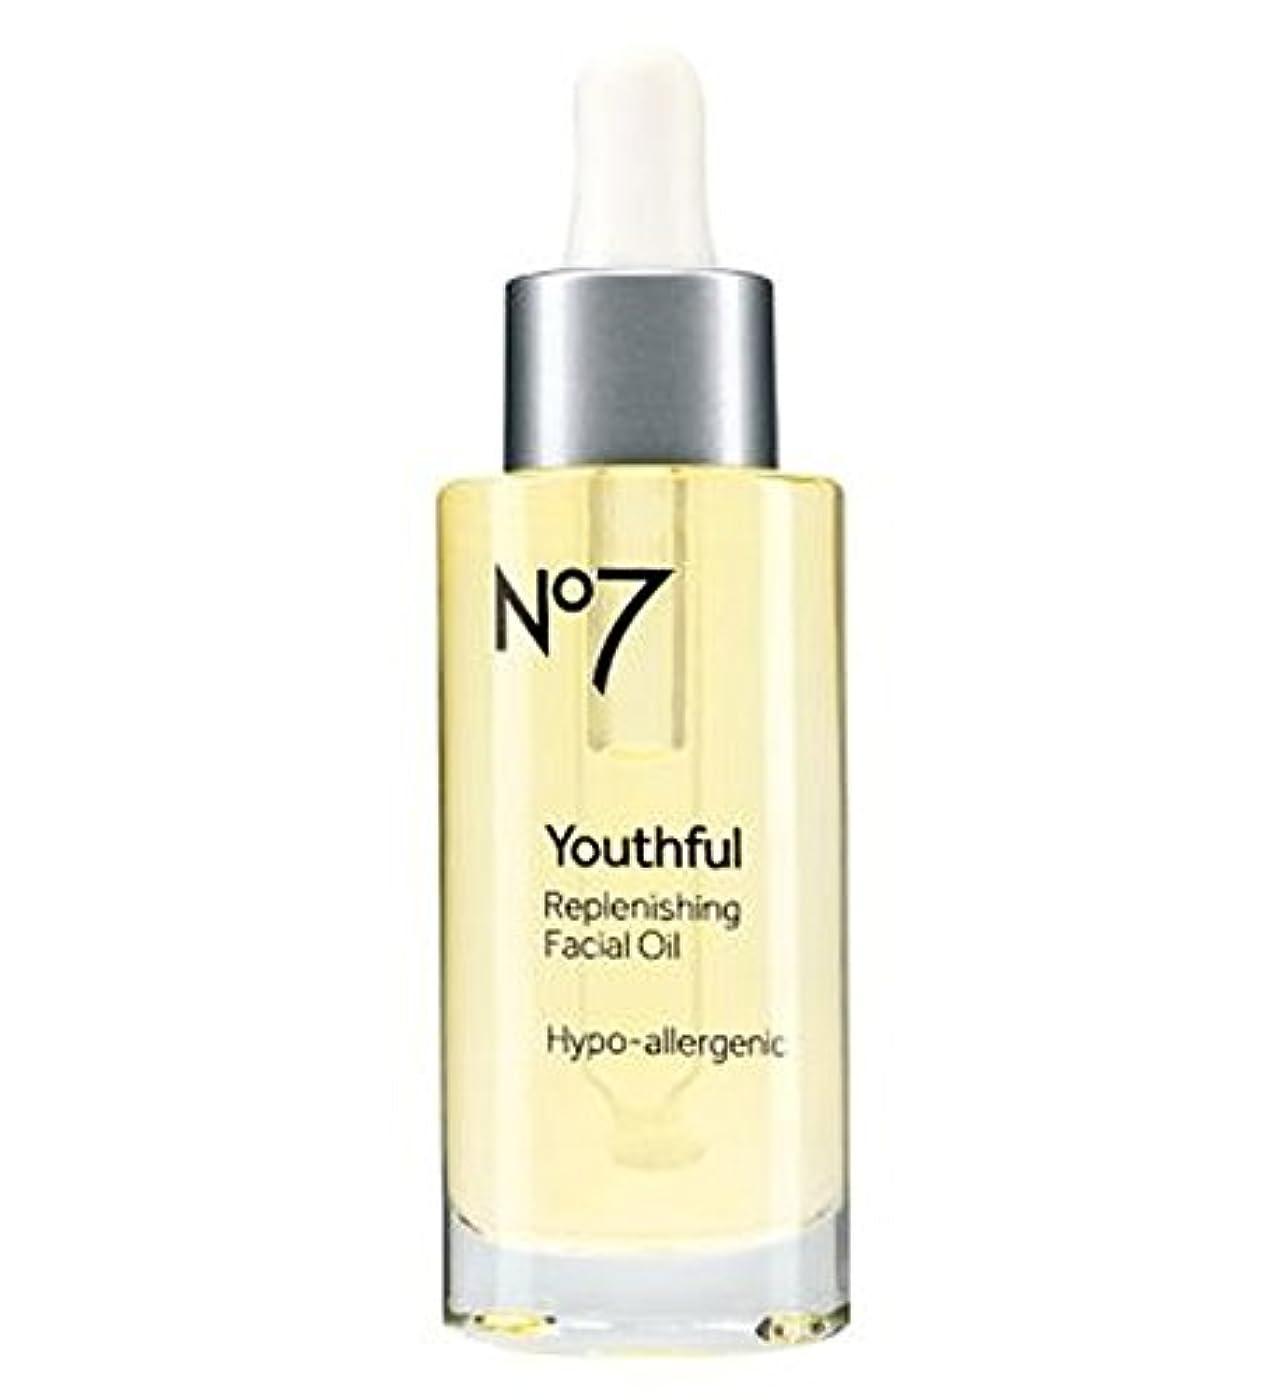 範囲合併症つまずくNo7若々しい補給フェイシャルオイル30ミリリットル (No7) (x2) - No7 Youthful Replenishing Facial Oil 30ml (Pack of 2) [並行輸入品]